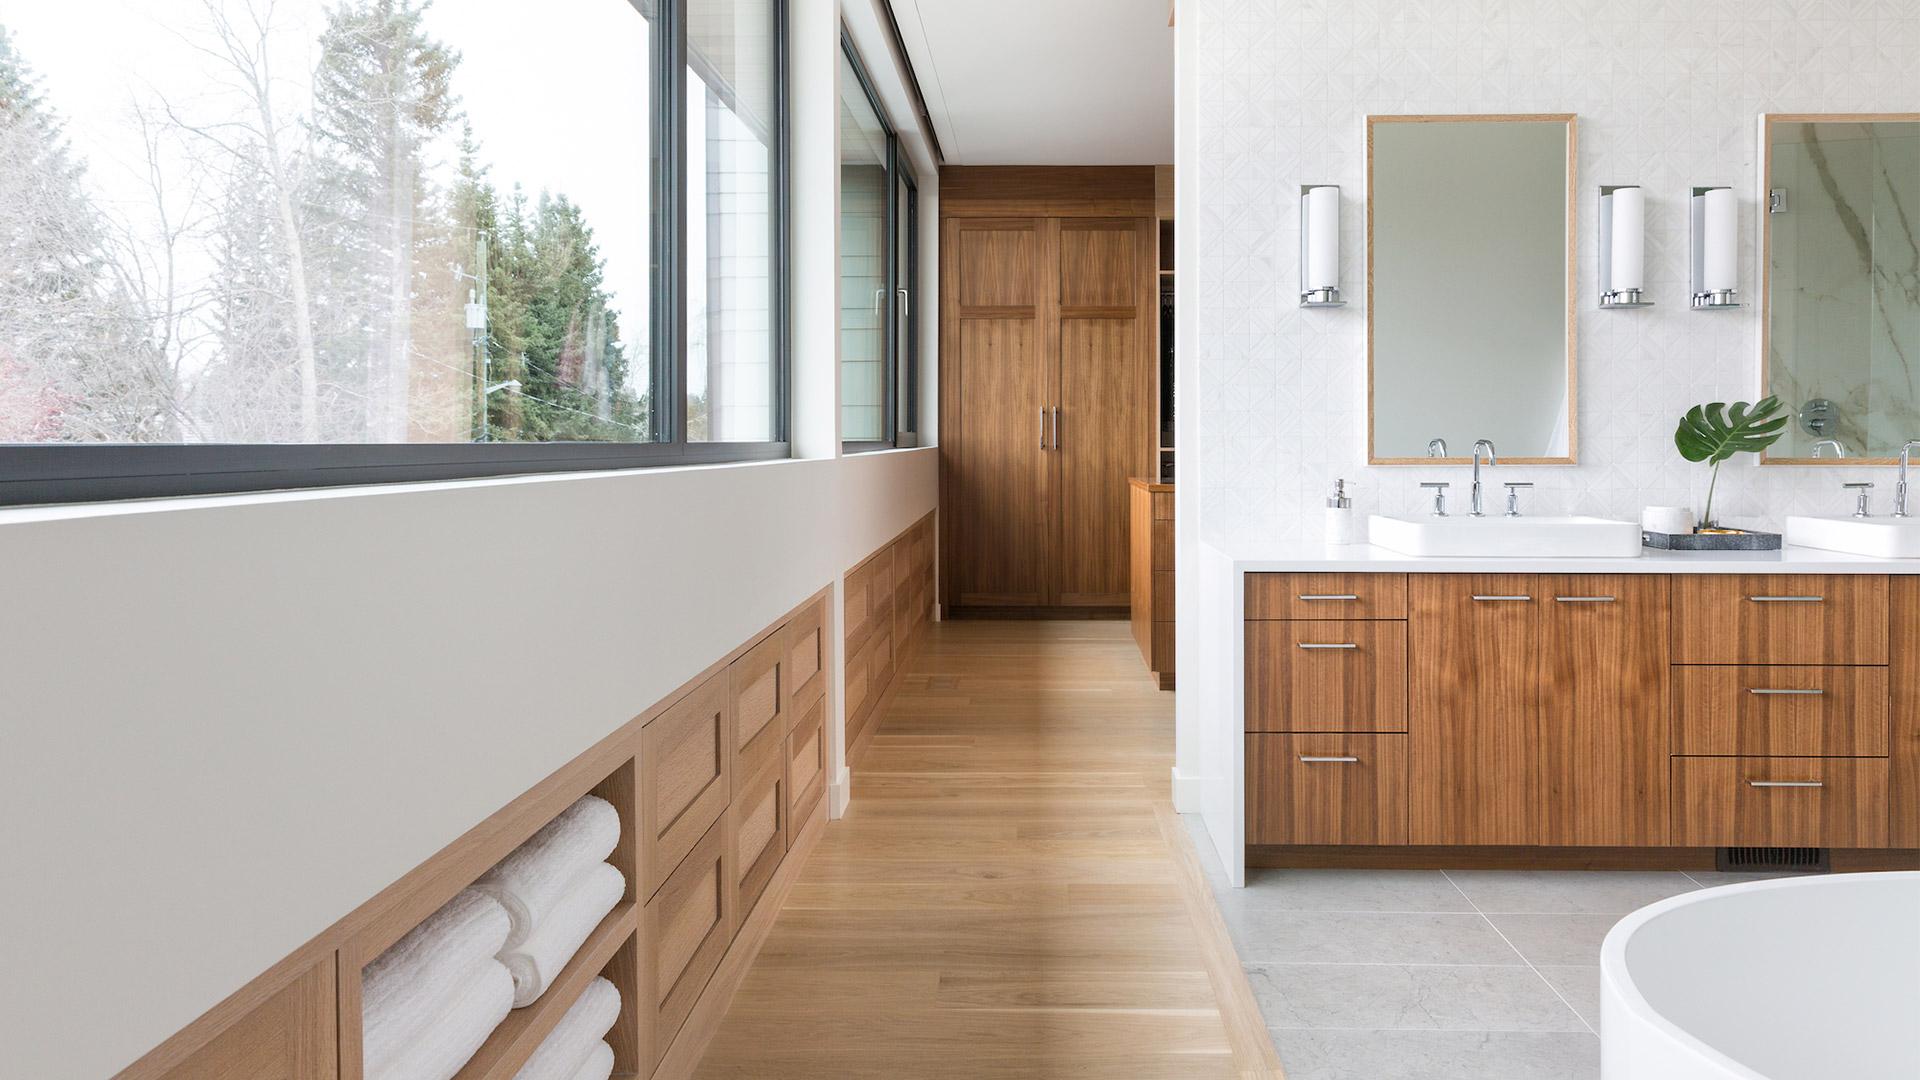 Salle de bain réalisée par Ateliers Jacob : La Spa